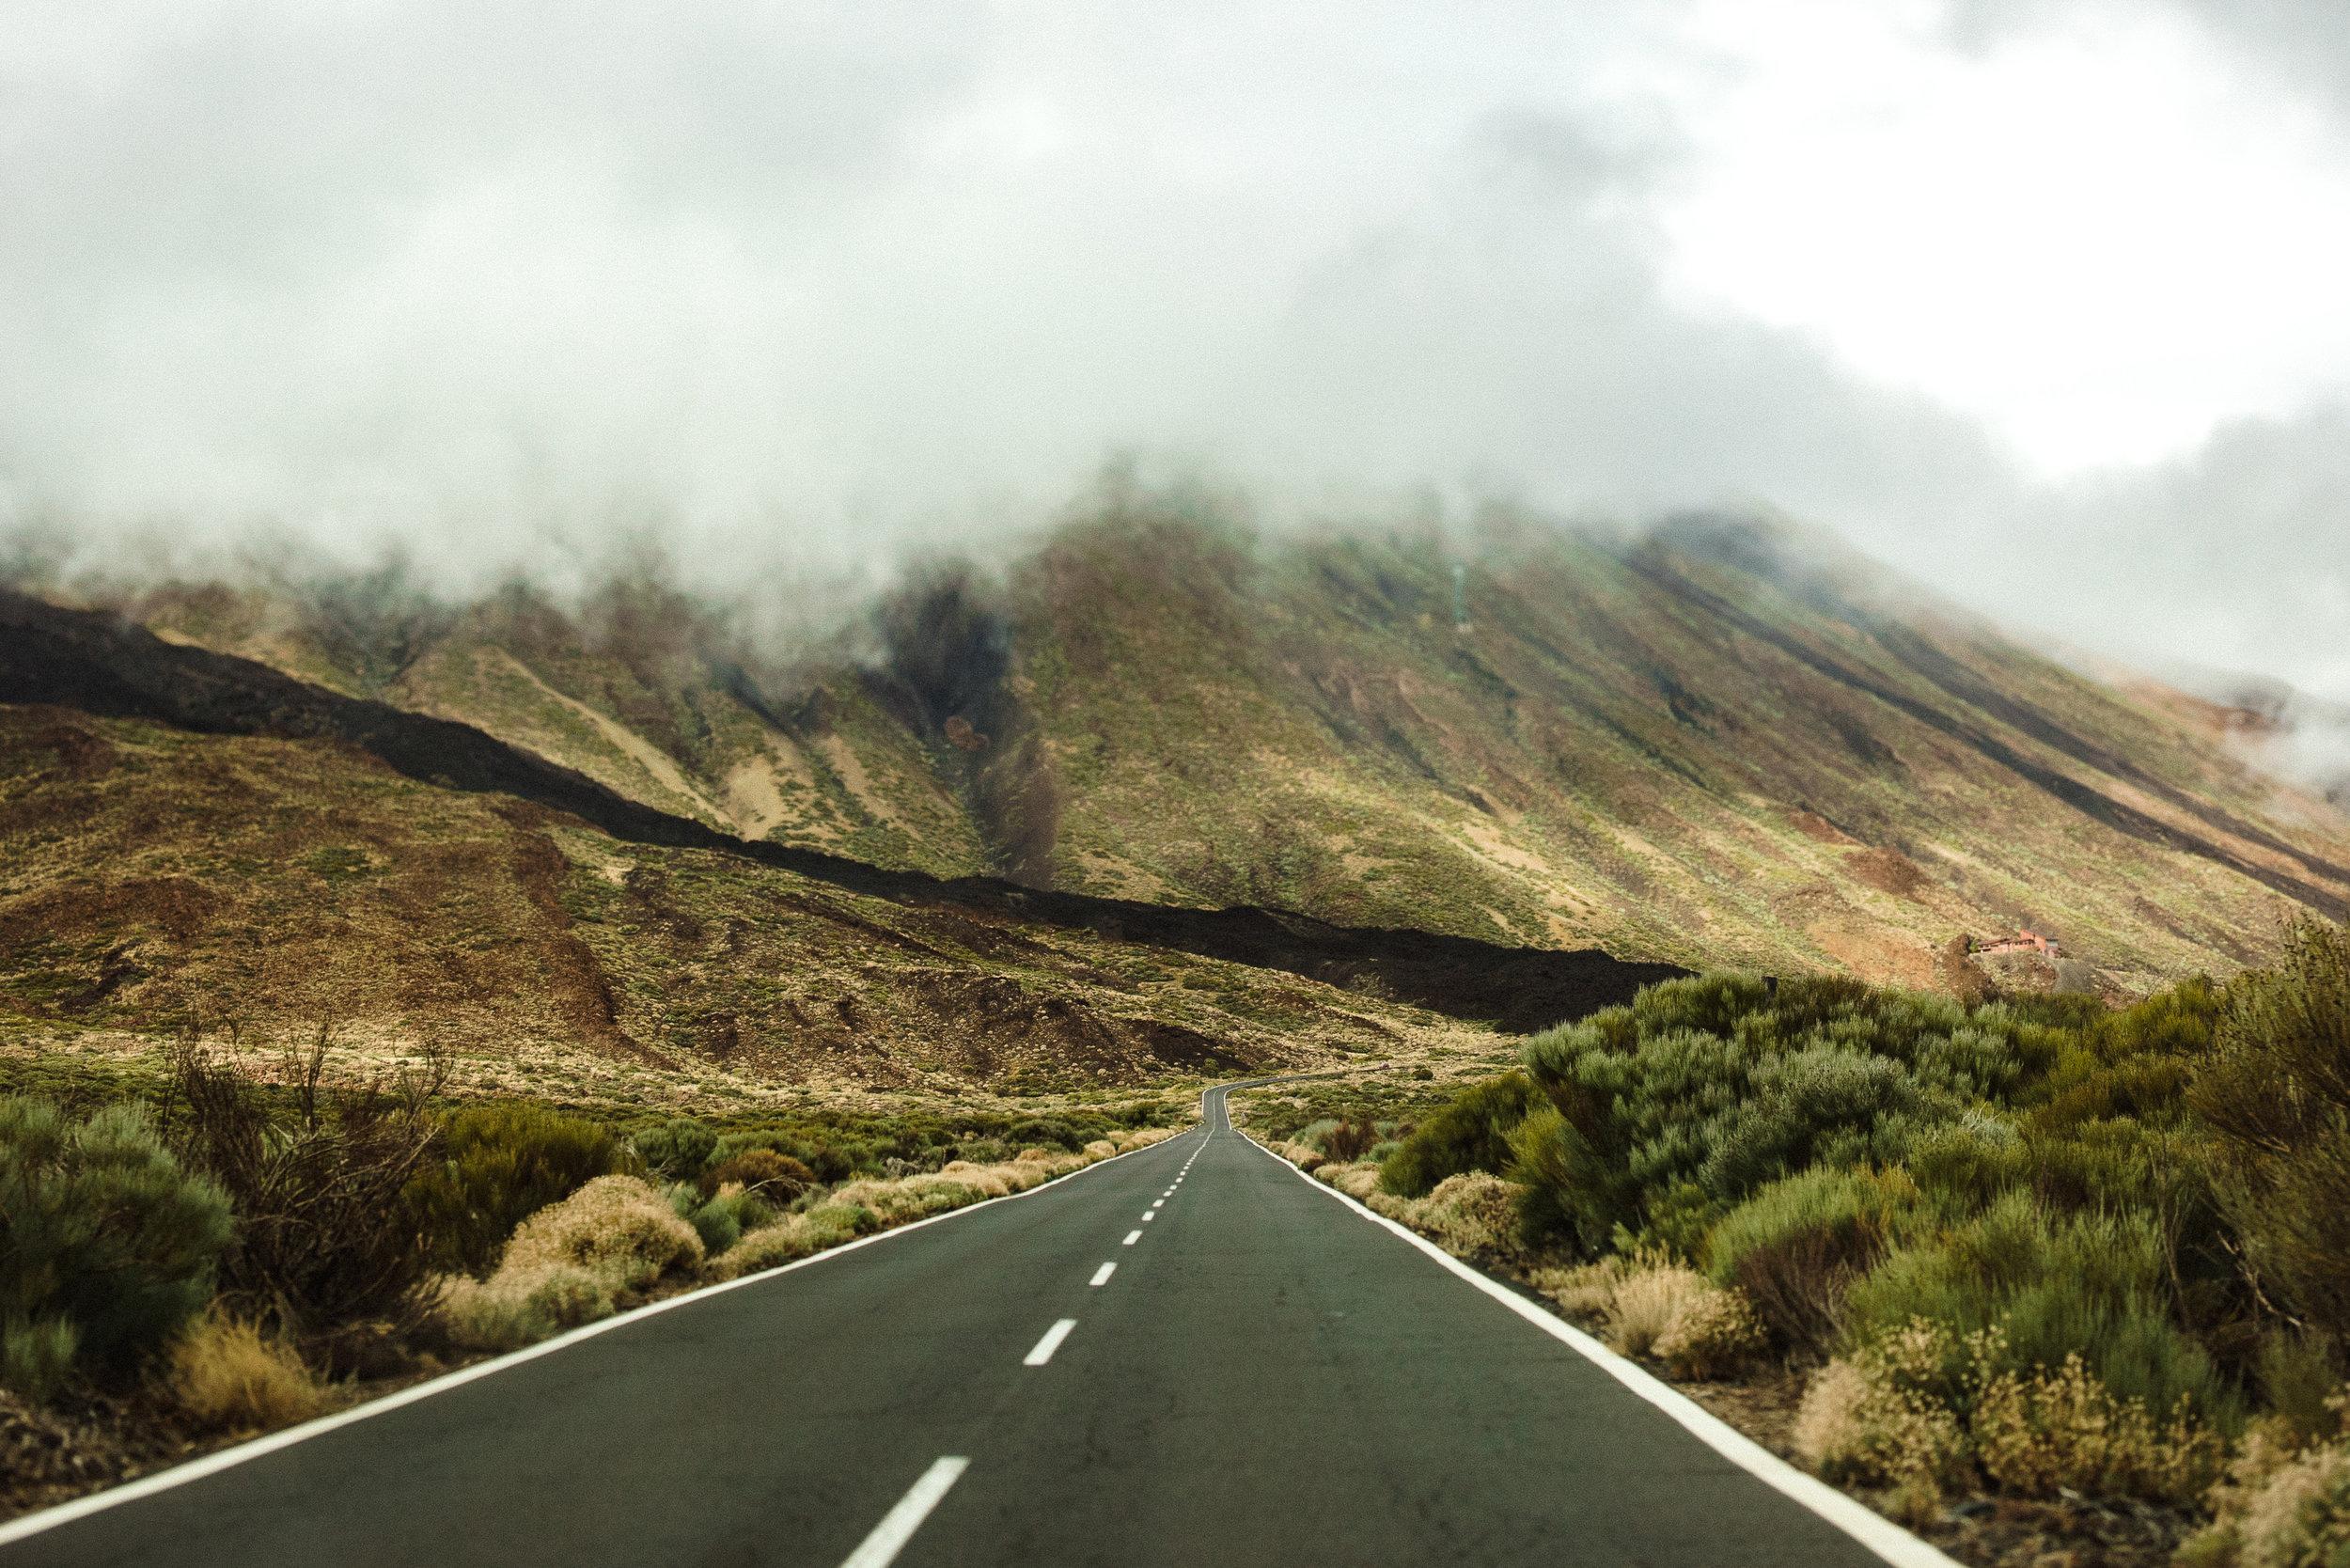 KirillKalyakin_Tenerife (4).jpg